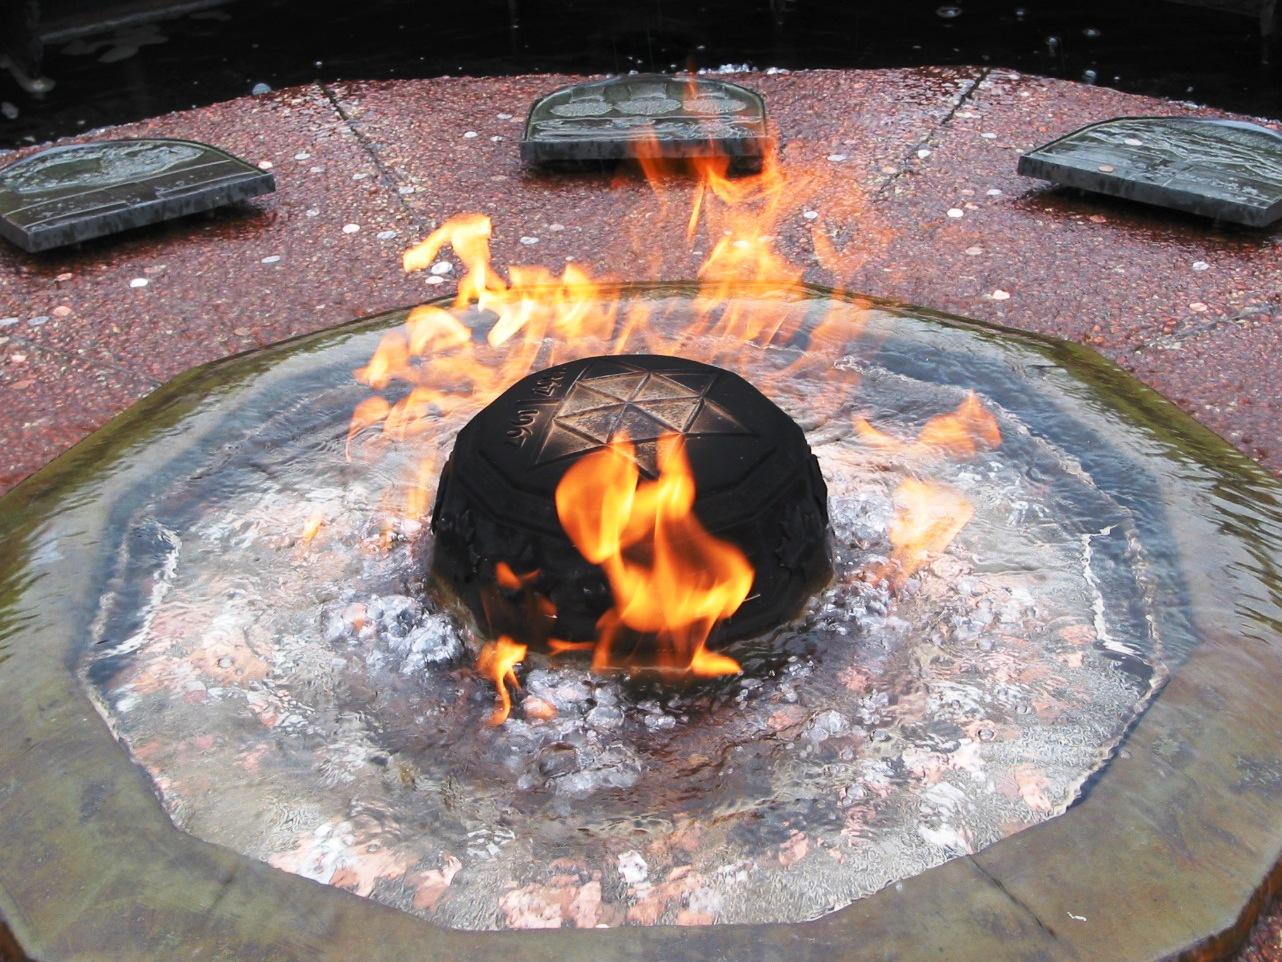 Feuer Und Wasser Foto Bild Wasser Feuer Amerika Bilder Auf